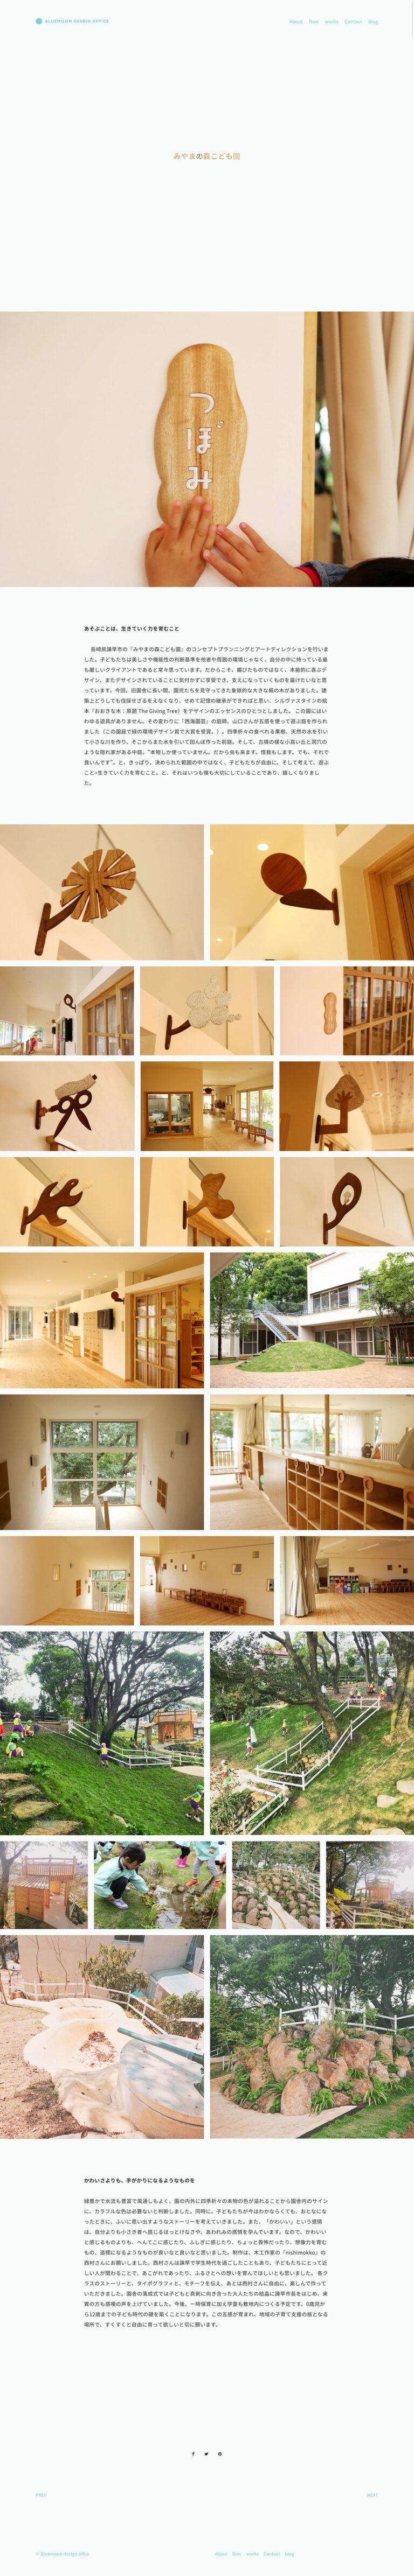 BLUEMOON DESIGN OFFICE|ブルームーンデザイン事務所